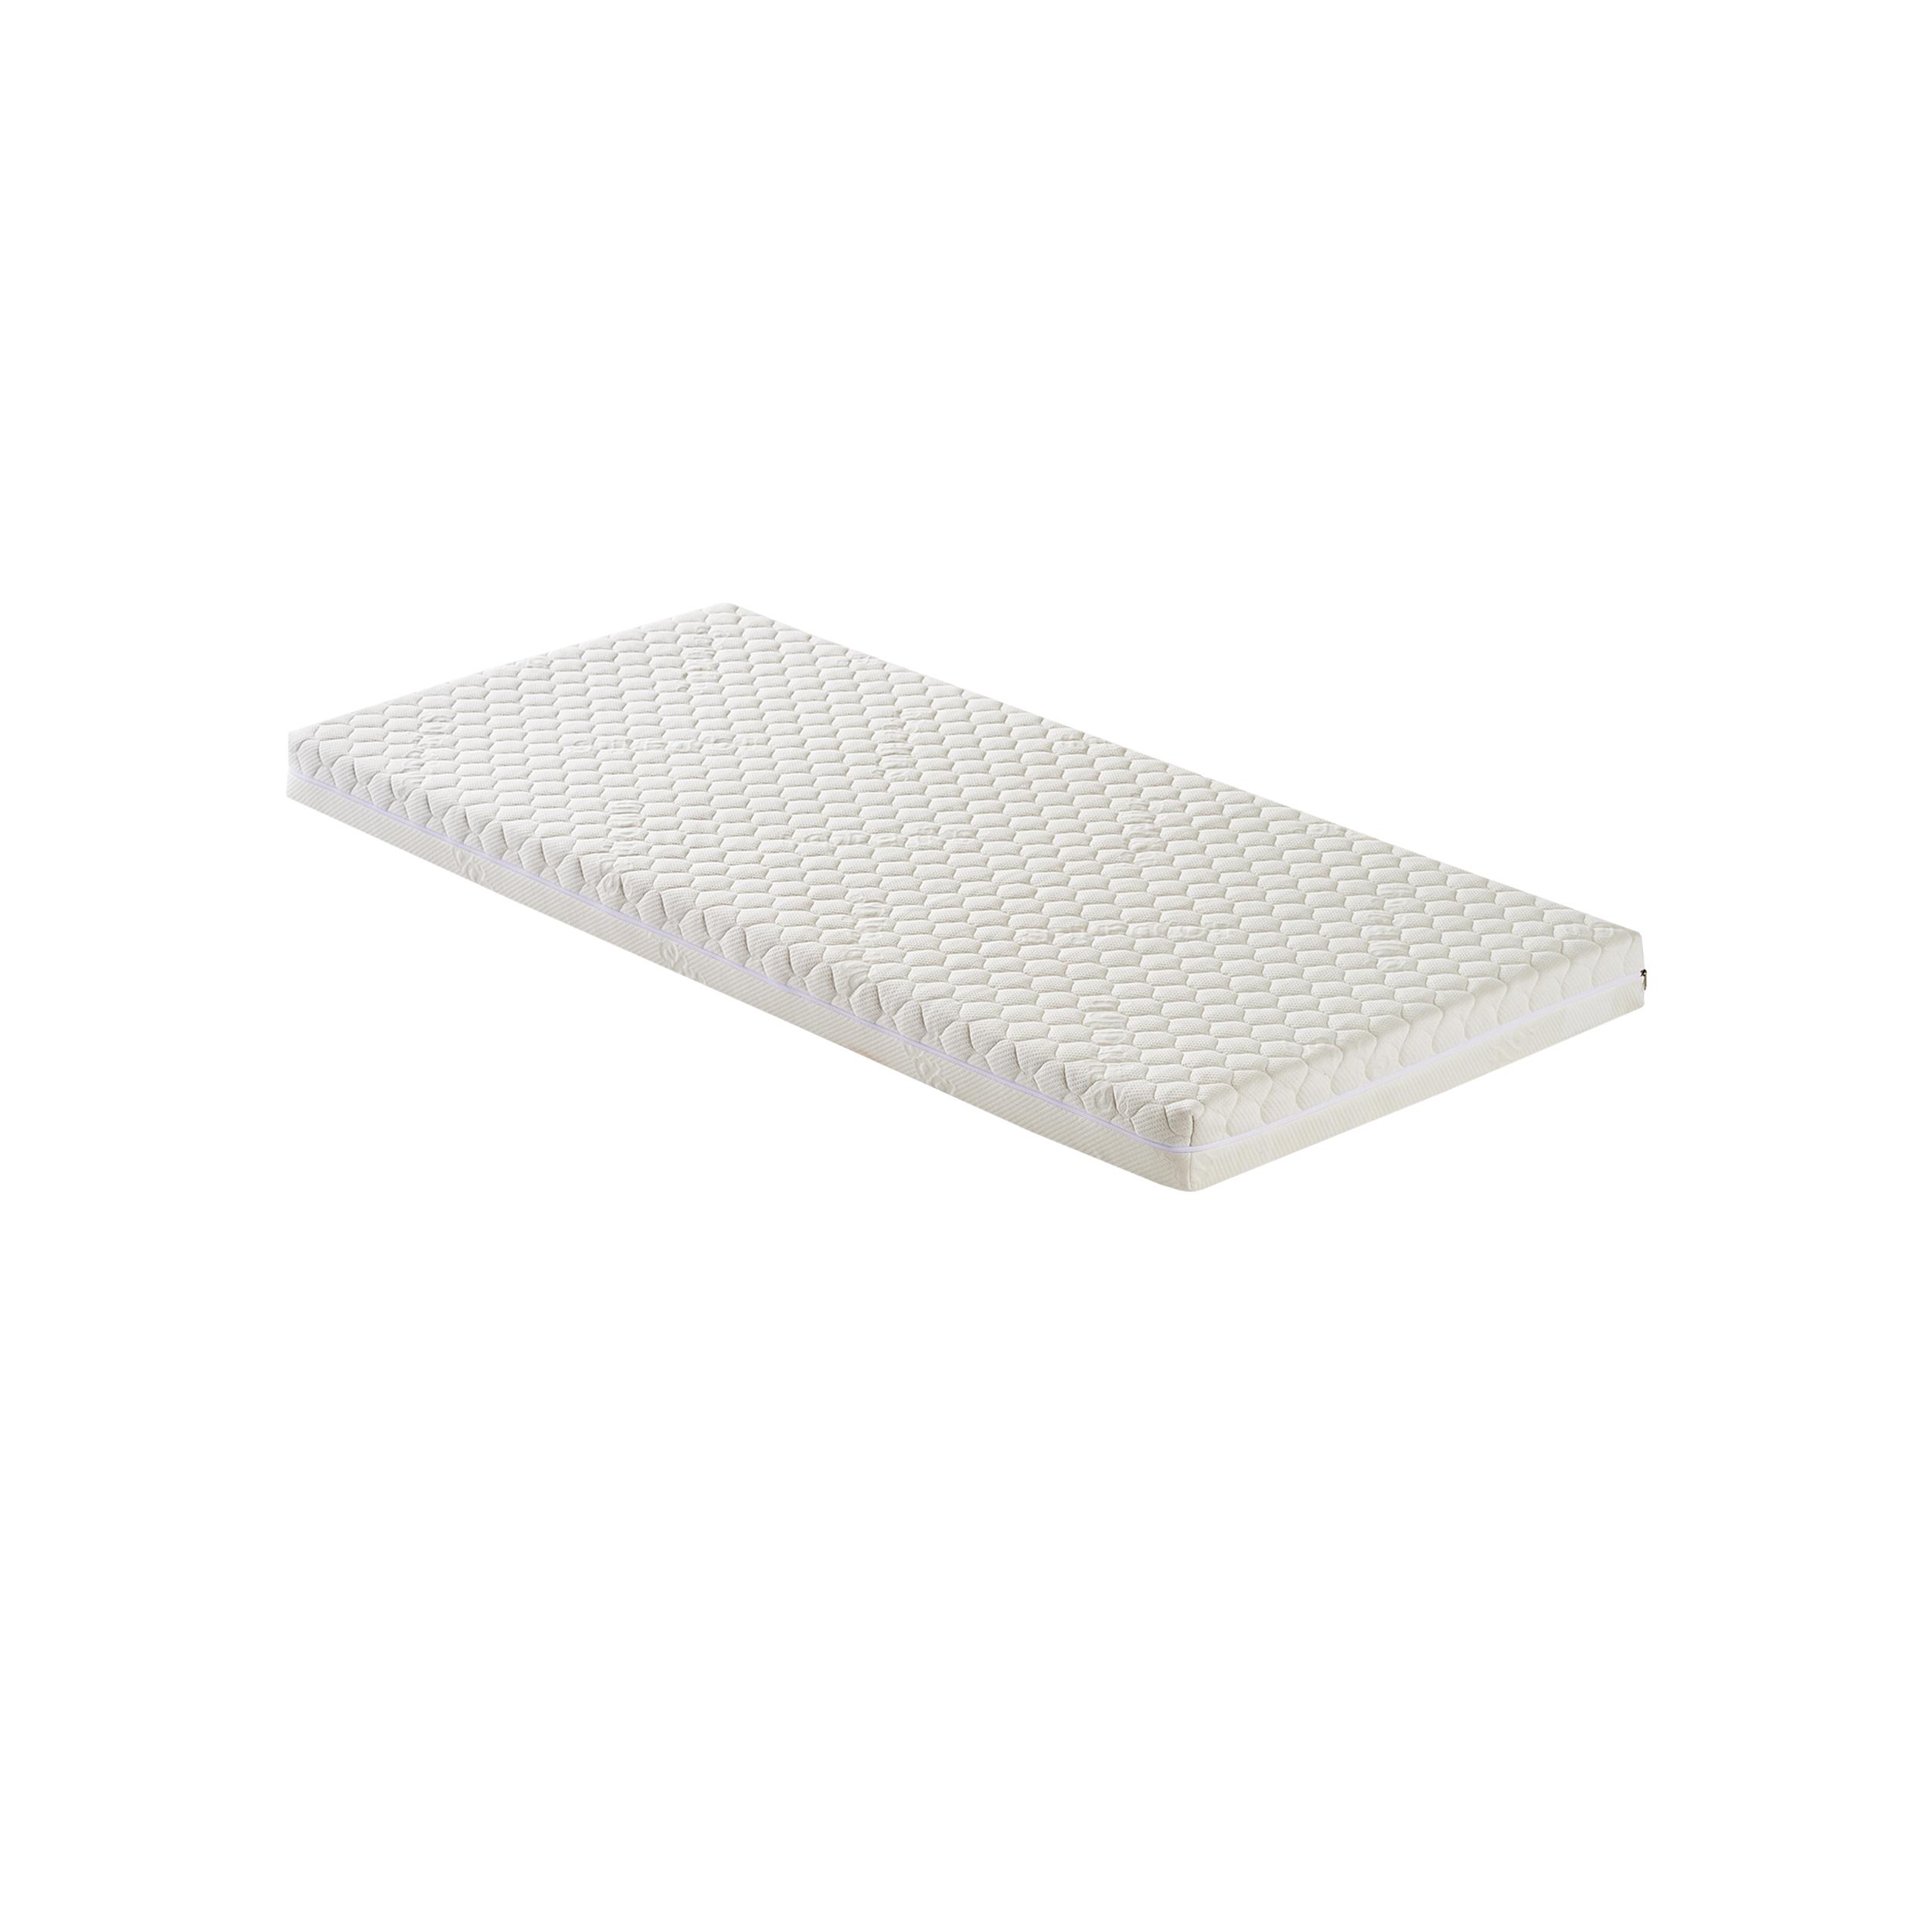 Hoppekids - Eco Dream Mattress - 9x70x160